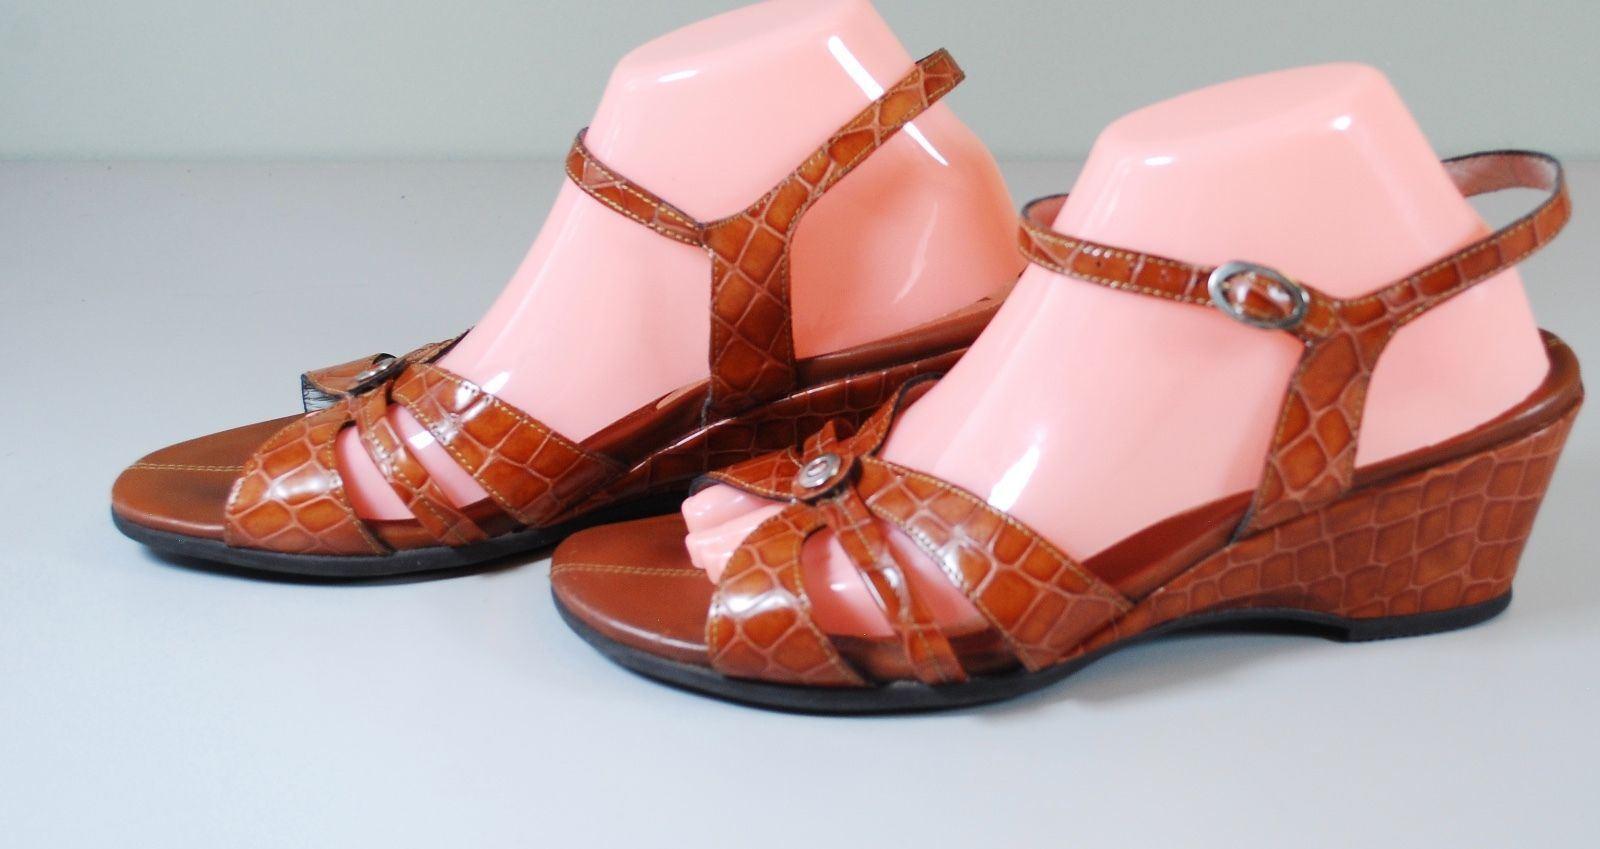 Mephisto Cocodrilo Cuero Correa De Tobillo Sandalias Cuña Tacones Zapatos nos 11.5